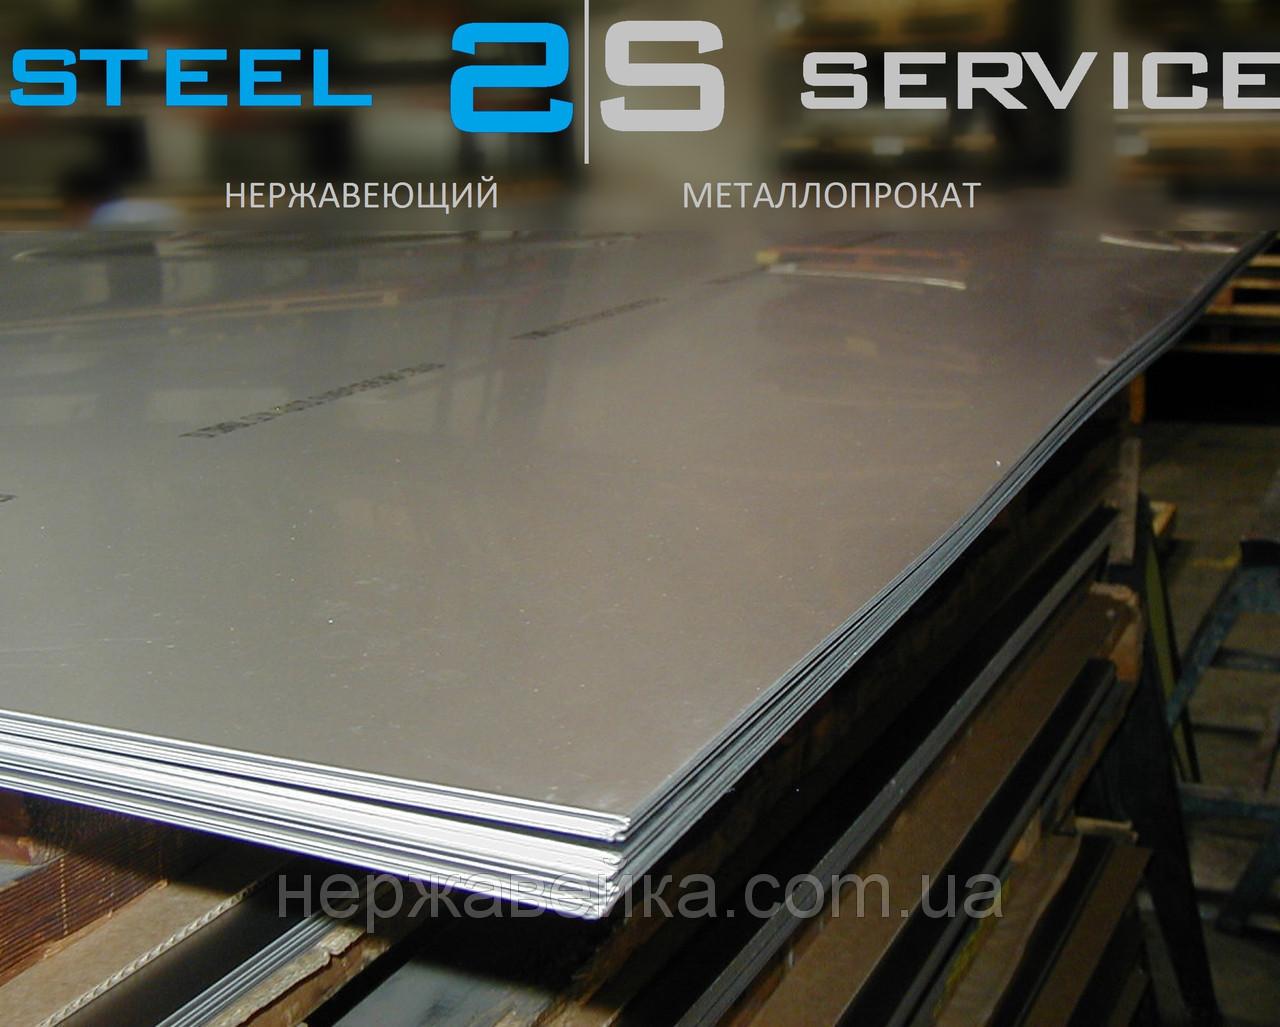 Нержавейка лист 35х1500х3000мм  AISI 304(08Х18Н10) F1 - горячекатанный,  пищевой